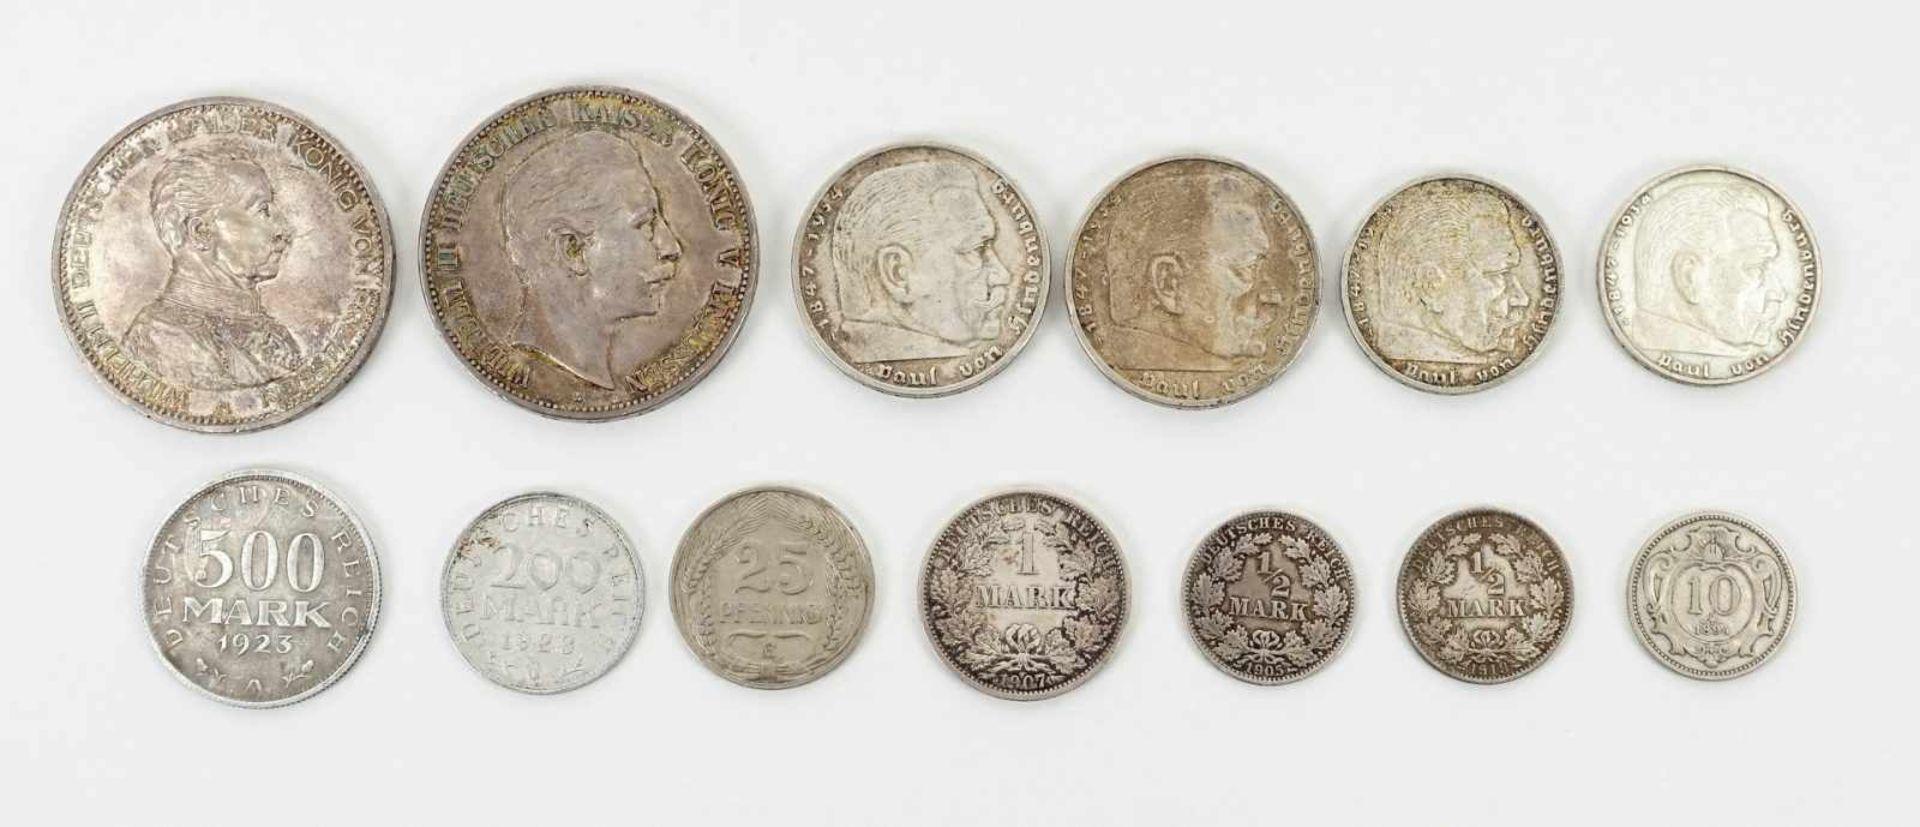 22 Münzen 1854-1936, davon 19 Silbermünzen - Bild 6 aus 7